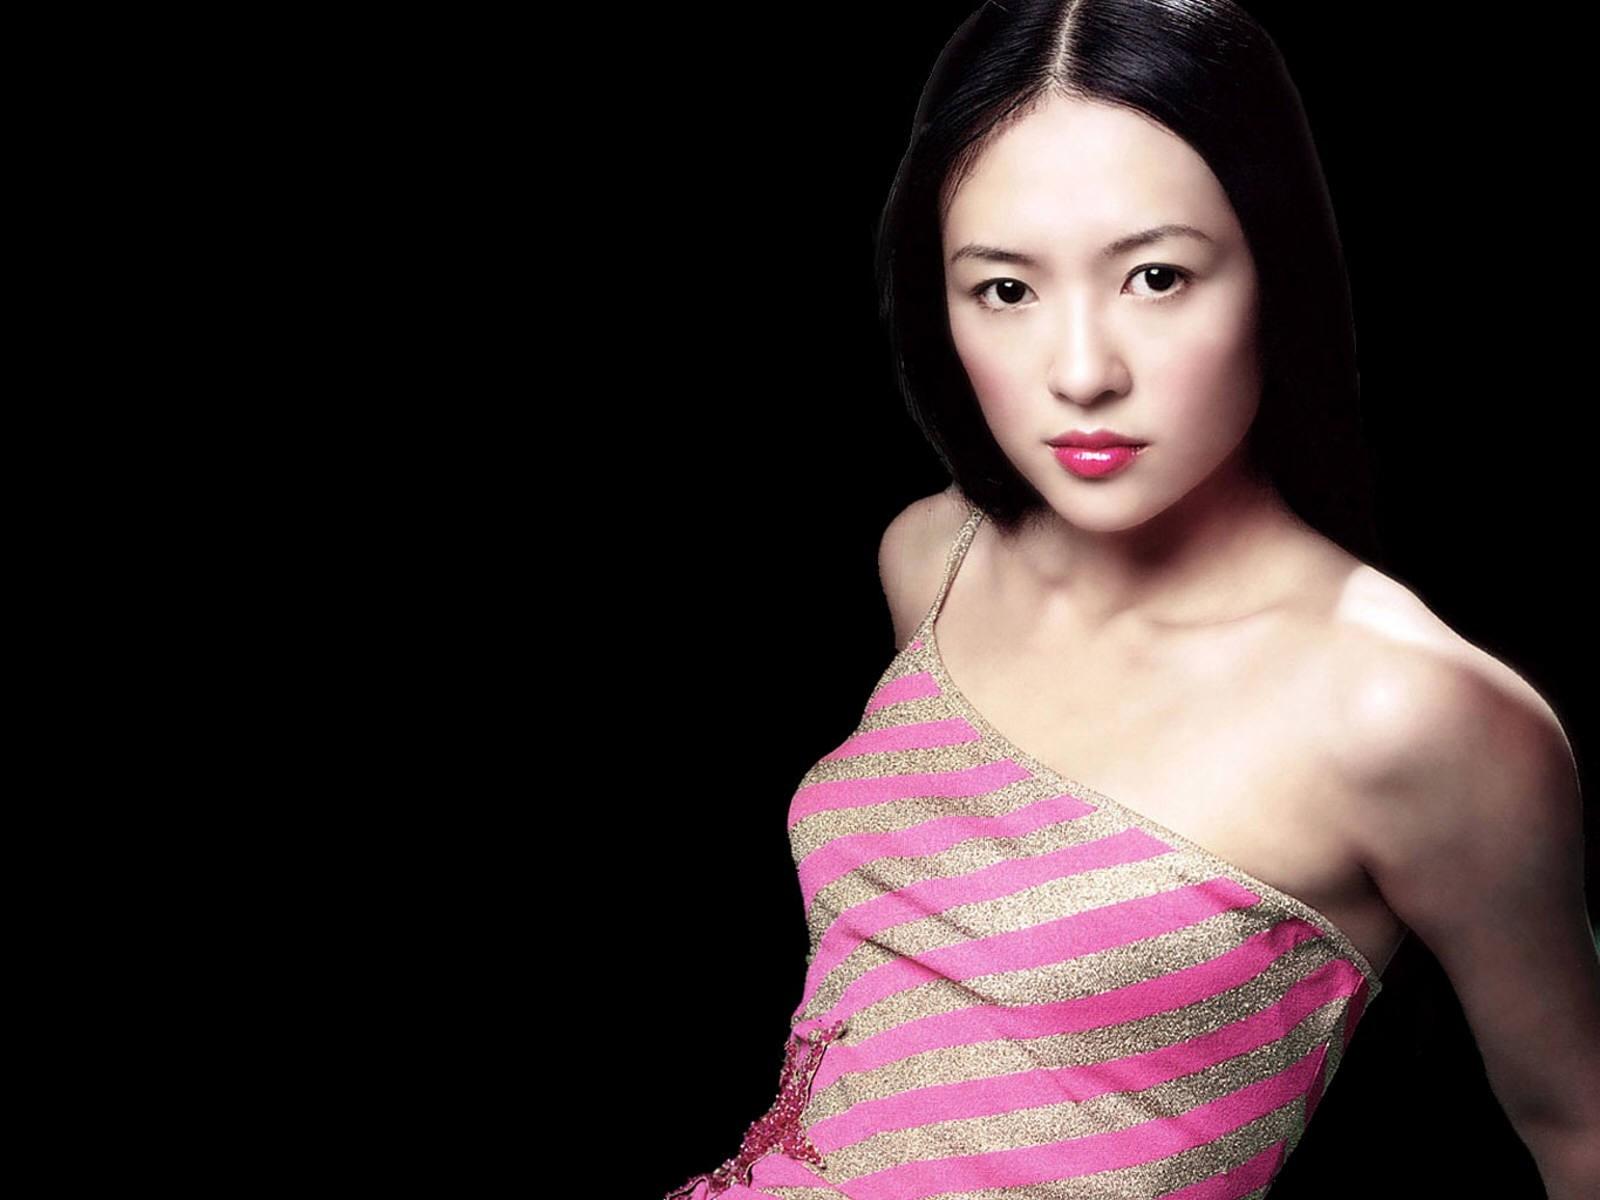 Wallpaper di Zhang Ziyi in abito rosa